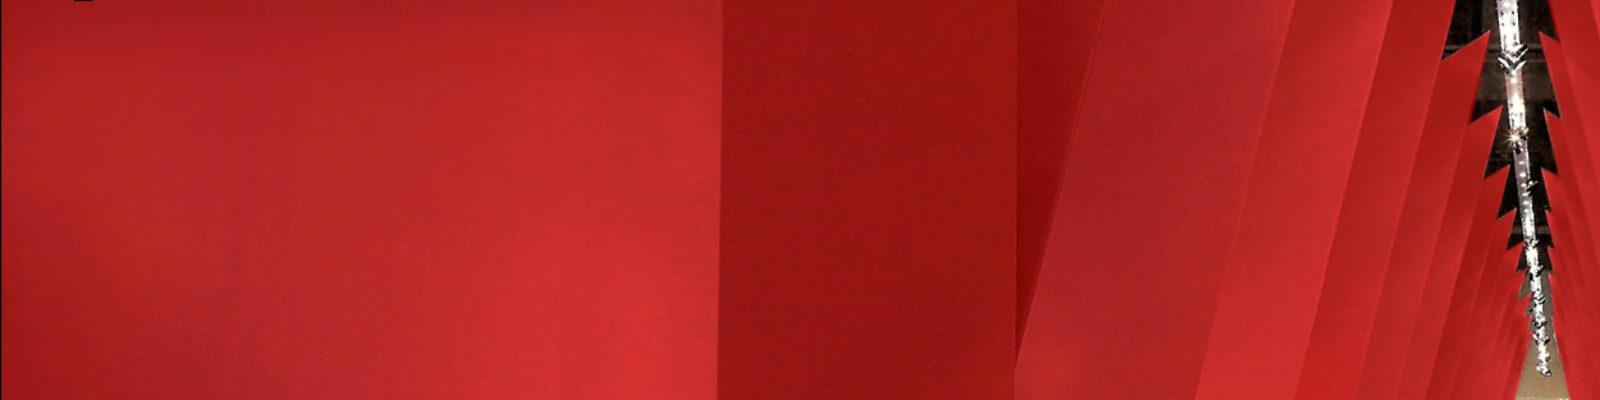 Ingresso della mostra allestita su Gianni Versace